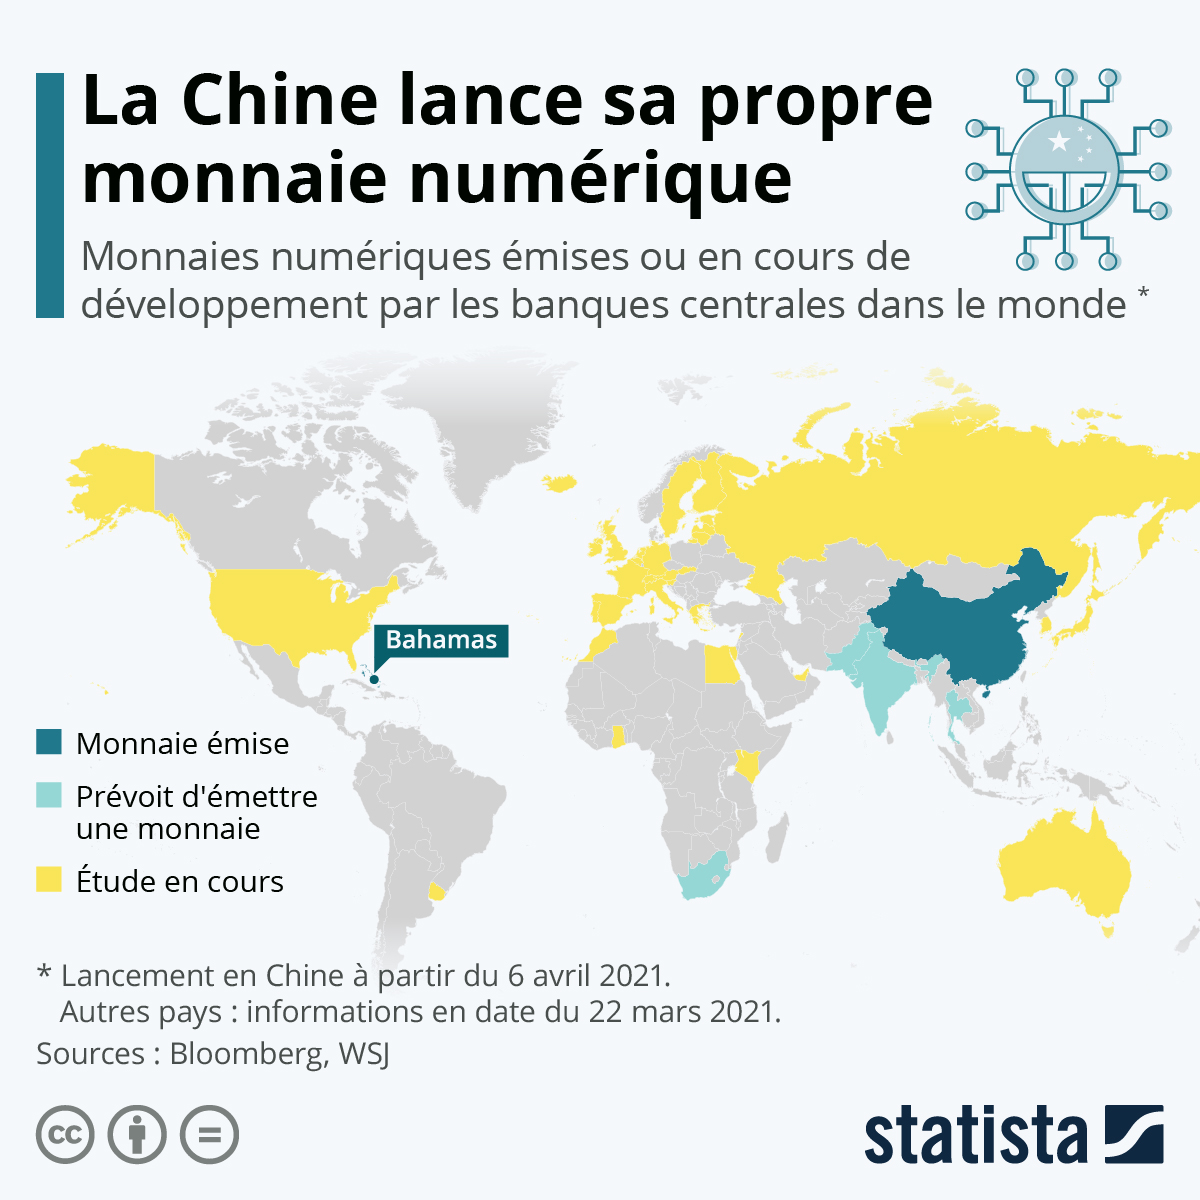 La Chine lance sa propre monnaie numérique